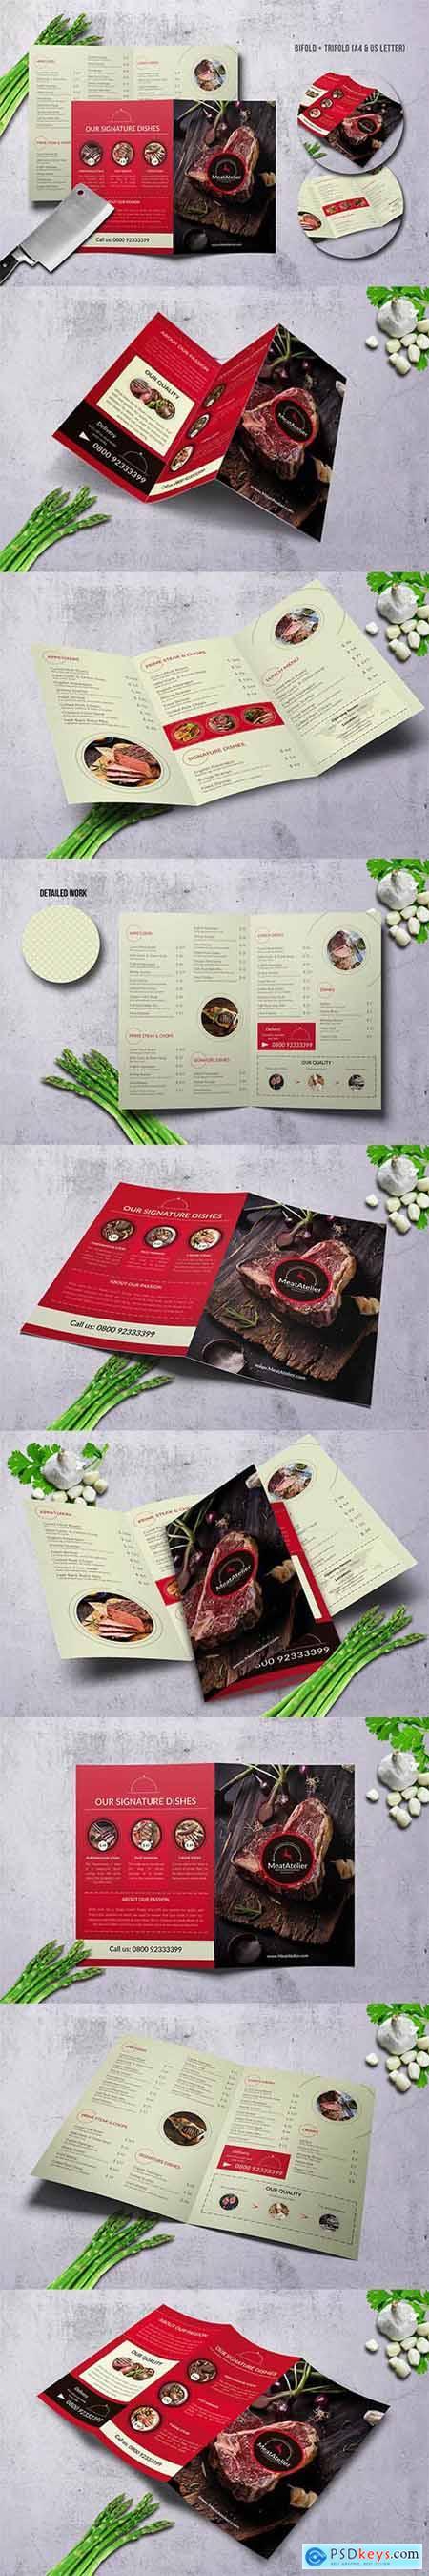 Meat Atelier Menu Bundle (A4 + US Letter)